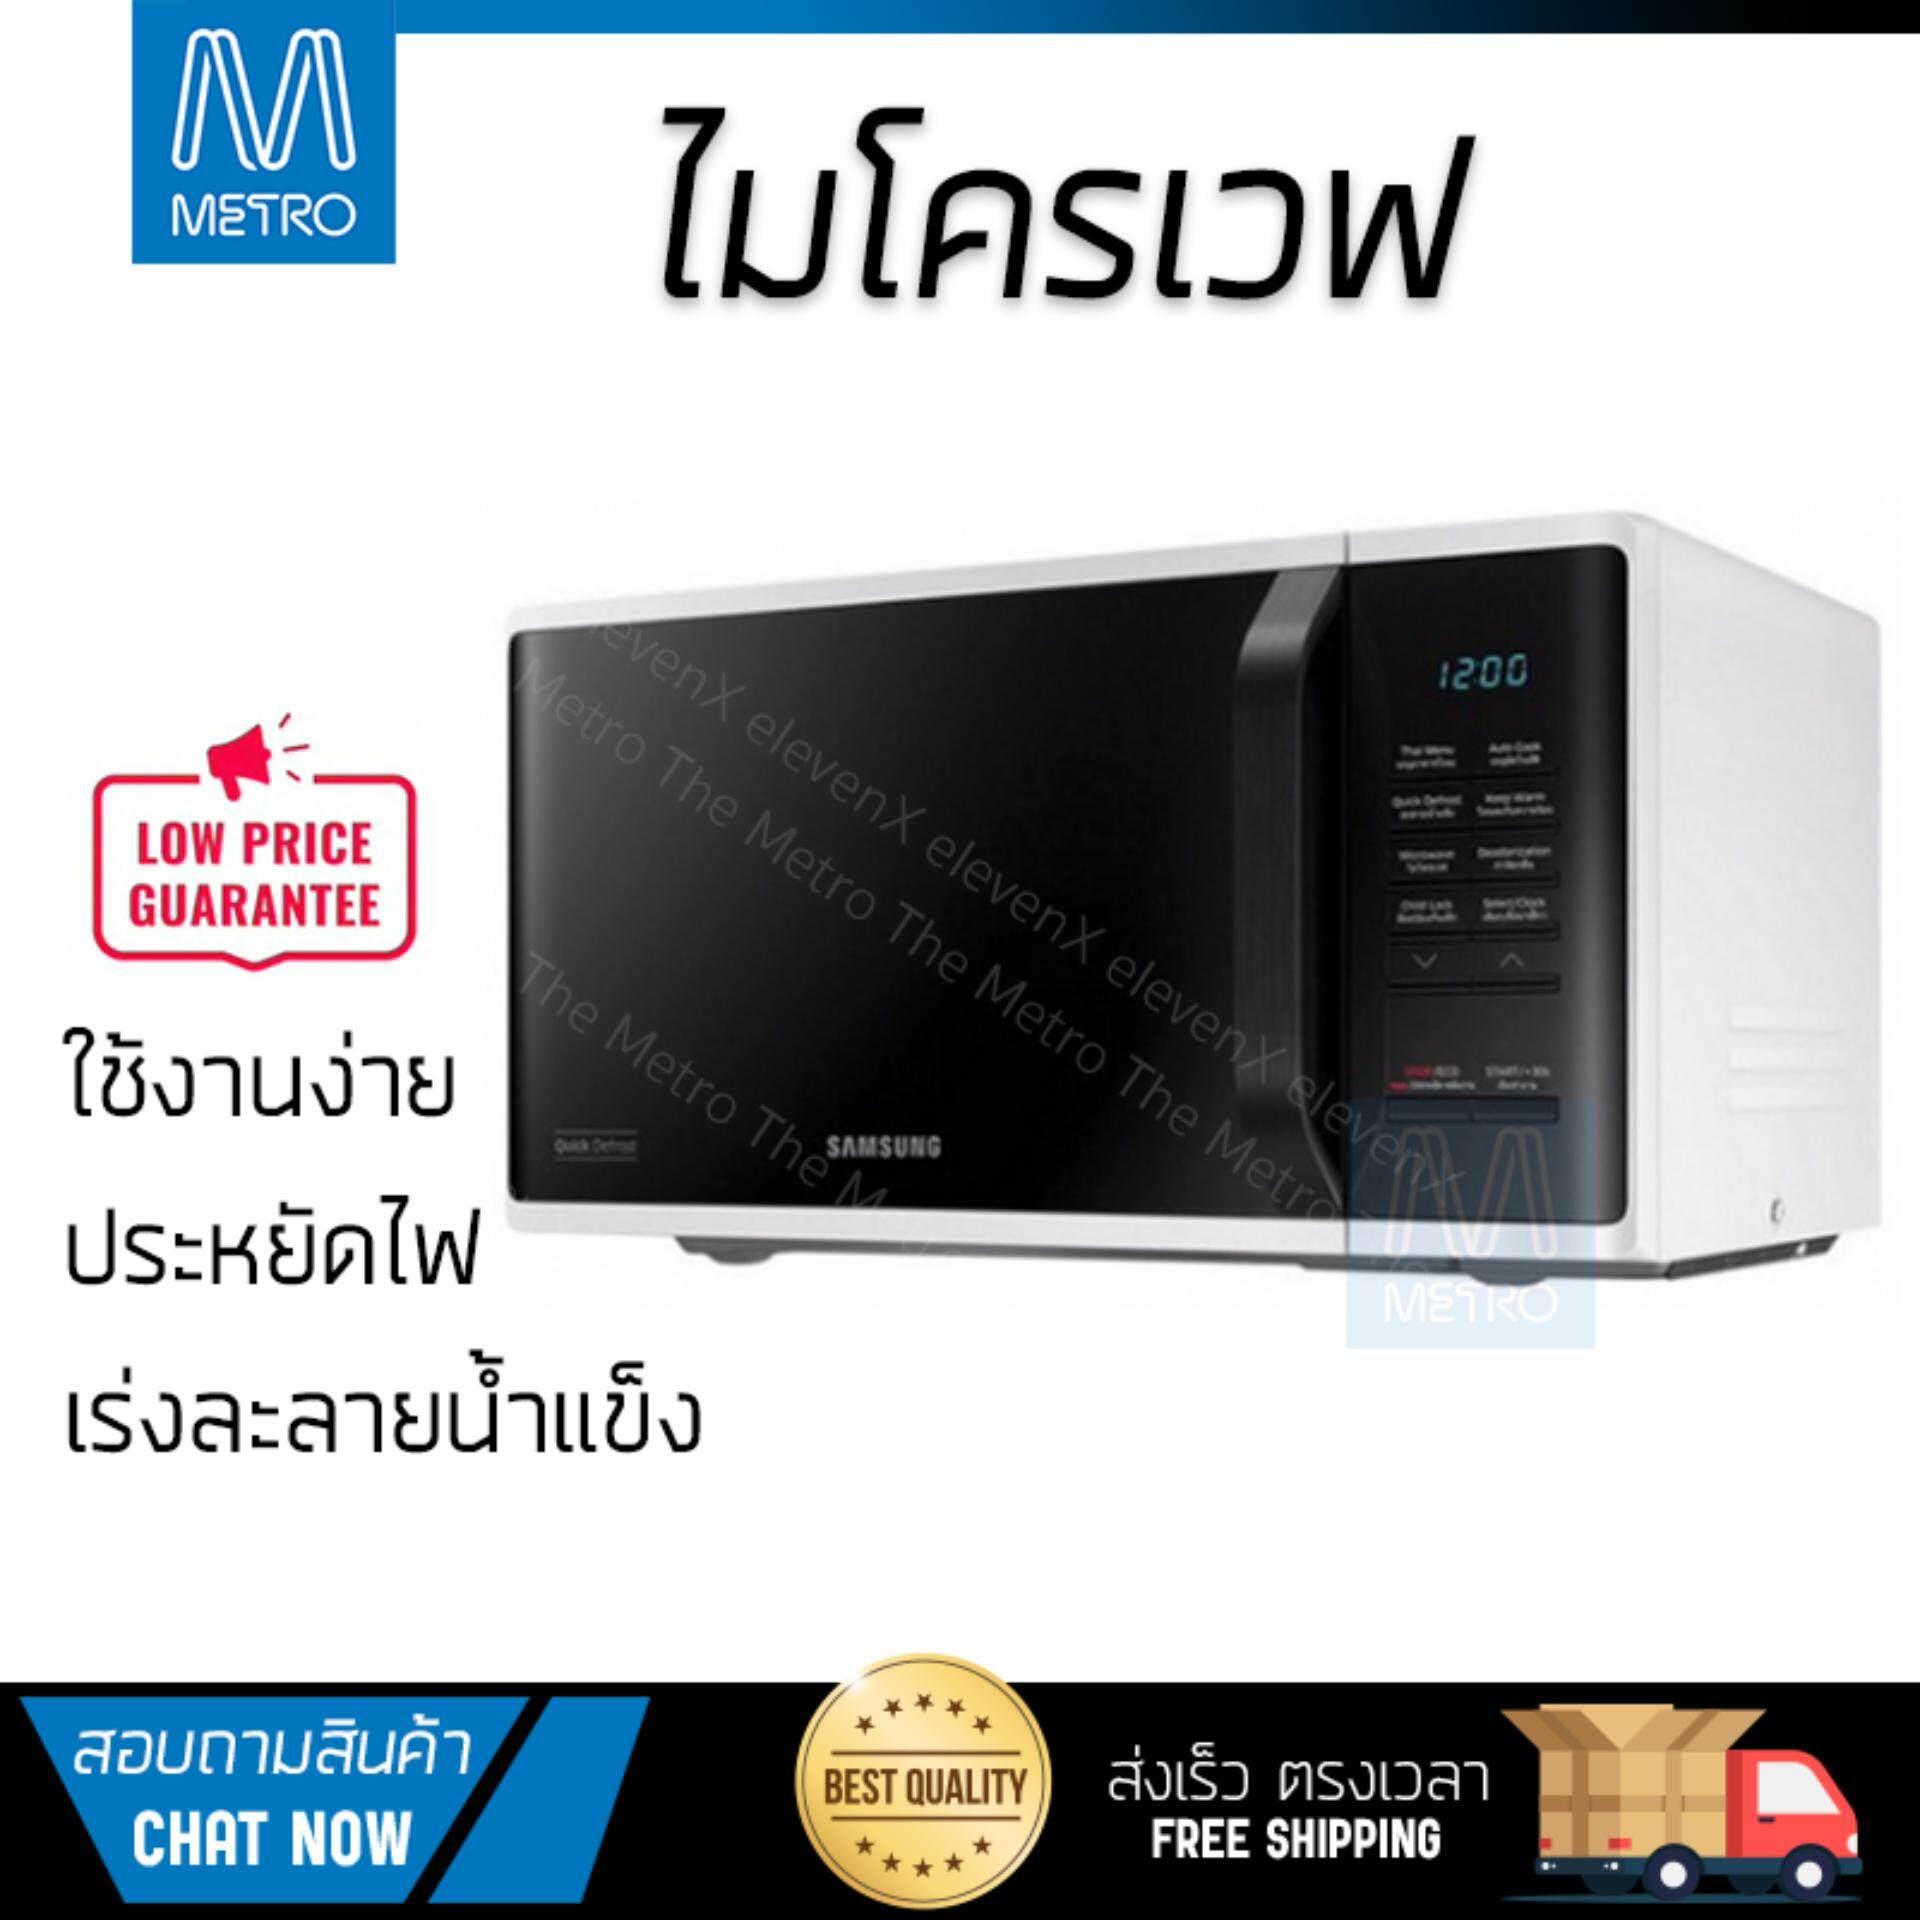 รุ่นใหม่ล่าสุด ไมโครเวฟ เตาอบไมโครเวฟ ไมโครเวฟ ดิจิตอล SAMSUNG MS23K3513AW/ST 23L | SAMSUNG | MS23K3513AW/ST ปรับระดับความร้อนได้หลายระดับ  มีฟังก์ชันละลายน้ำแข็ง ใช้งานง่าย Microwave จัดส่งฟรีทั่วประเทศ